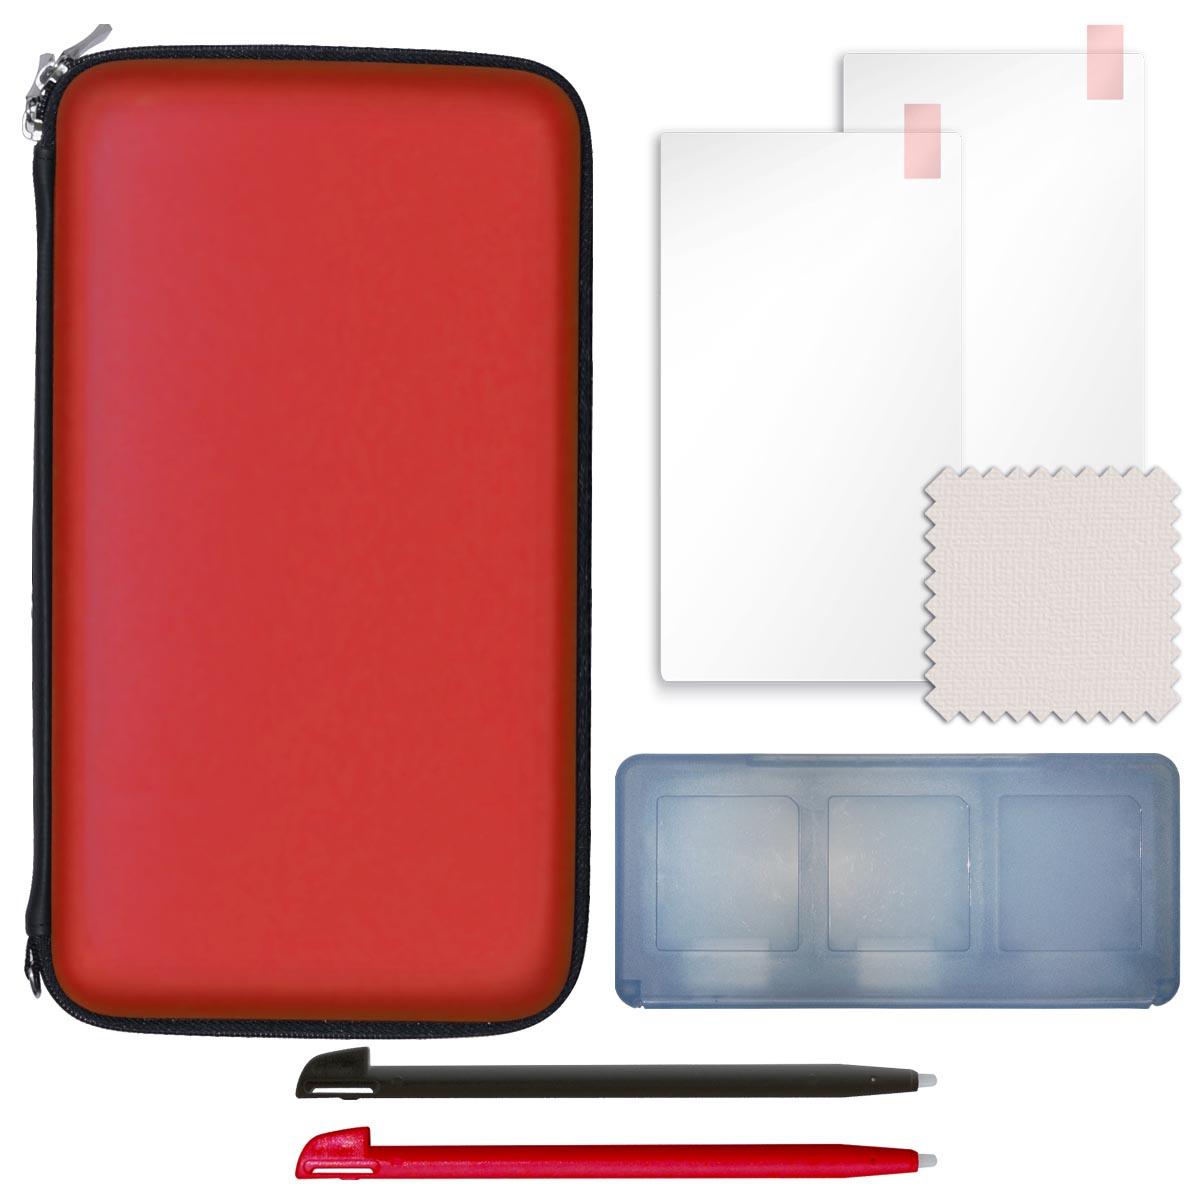 dea factory starter pack rouge nintendo 3ds xl. Black Bedroom Furniture Sets. Home Design Ideas